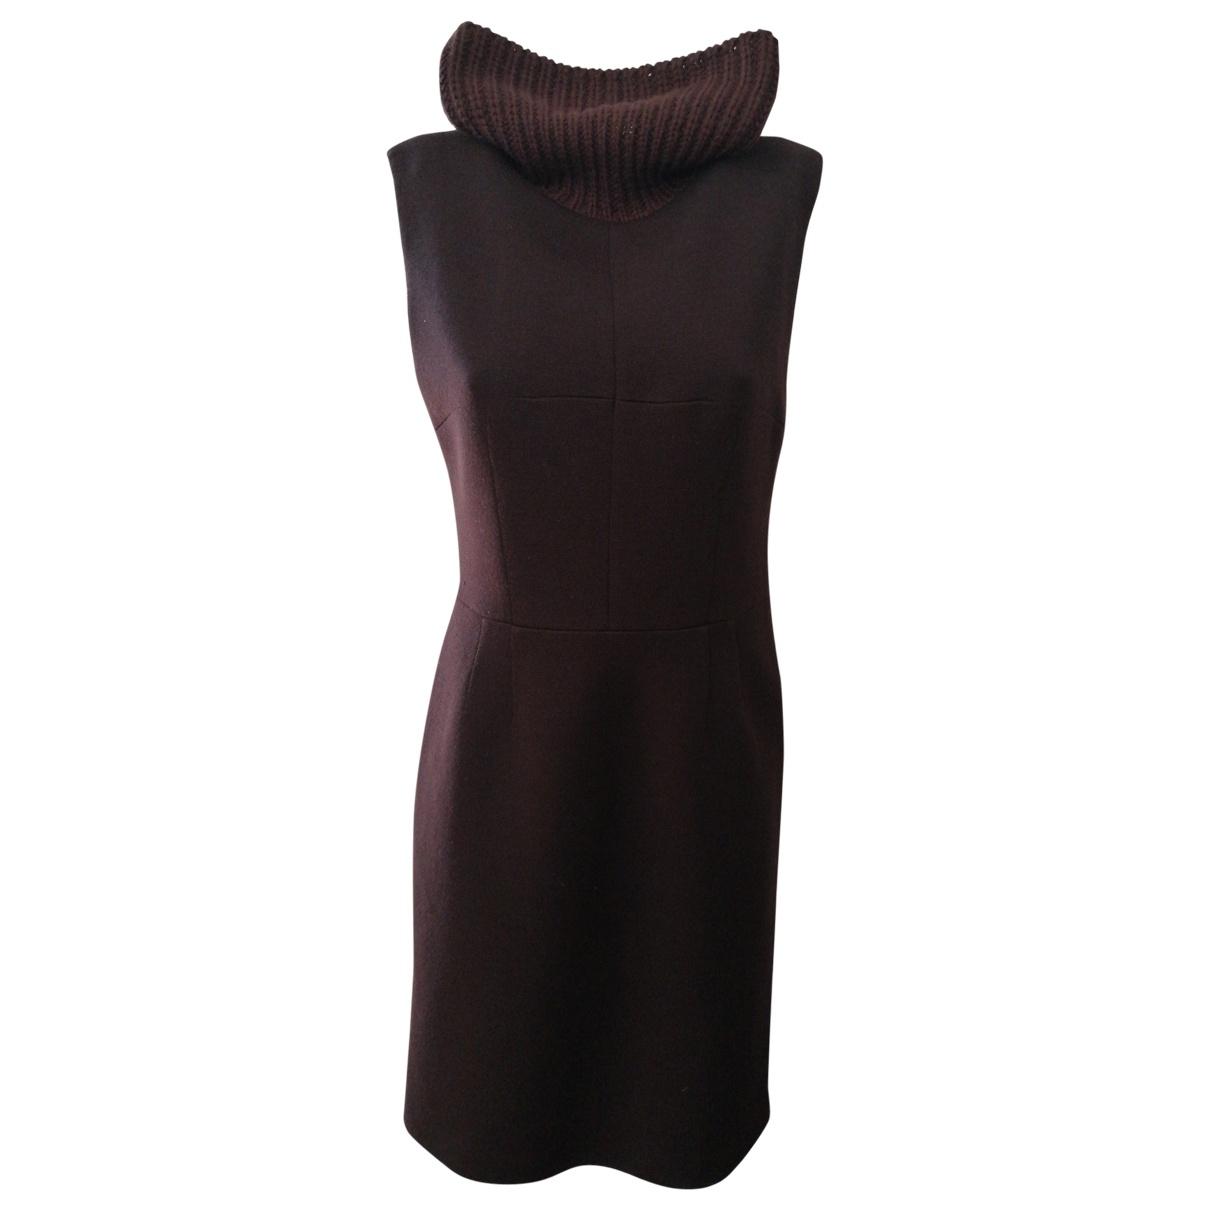 Dolce & Gabbana \N Kleid in  Braun Wolle